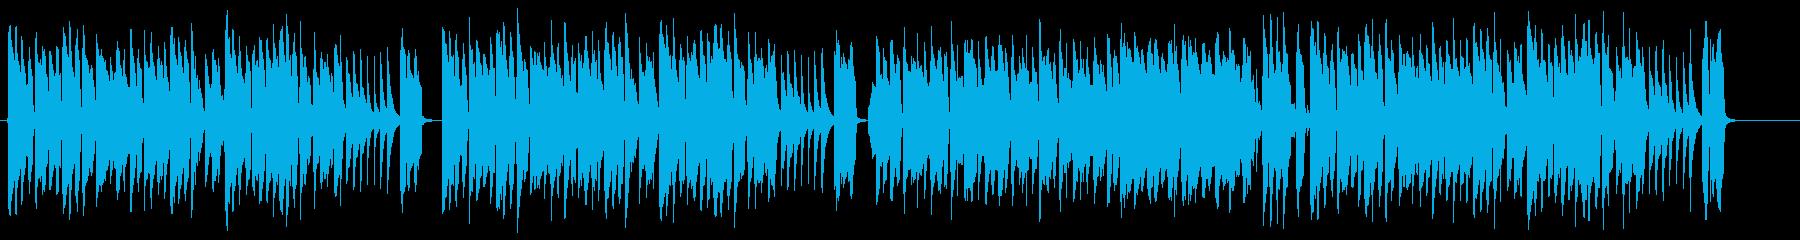 オモチャの楽器が奏でる、ほのぼのポップスの再生済みの波形